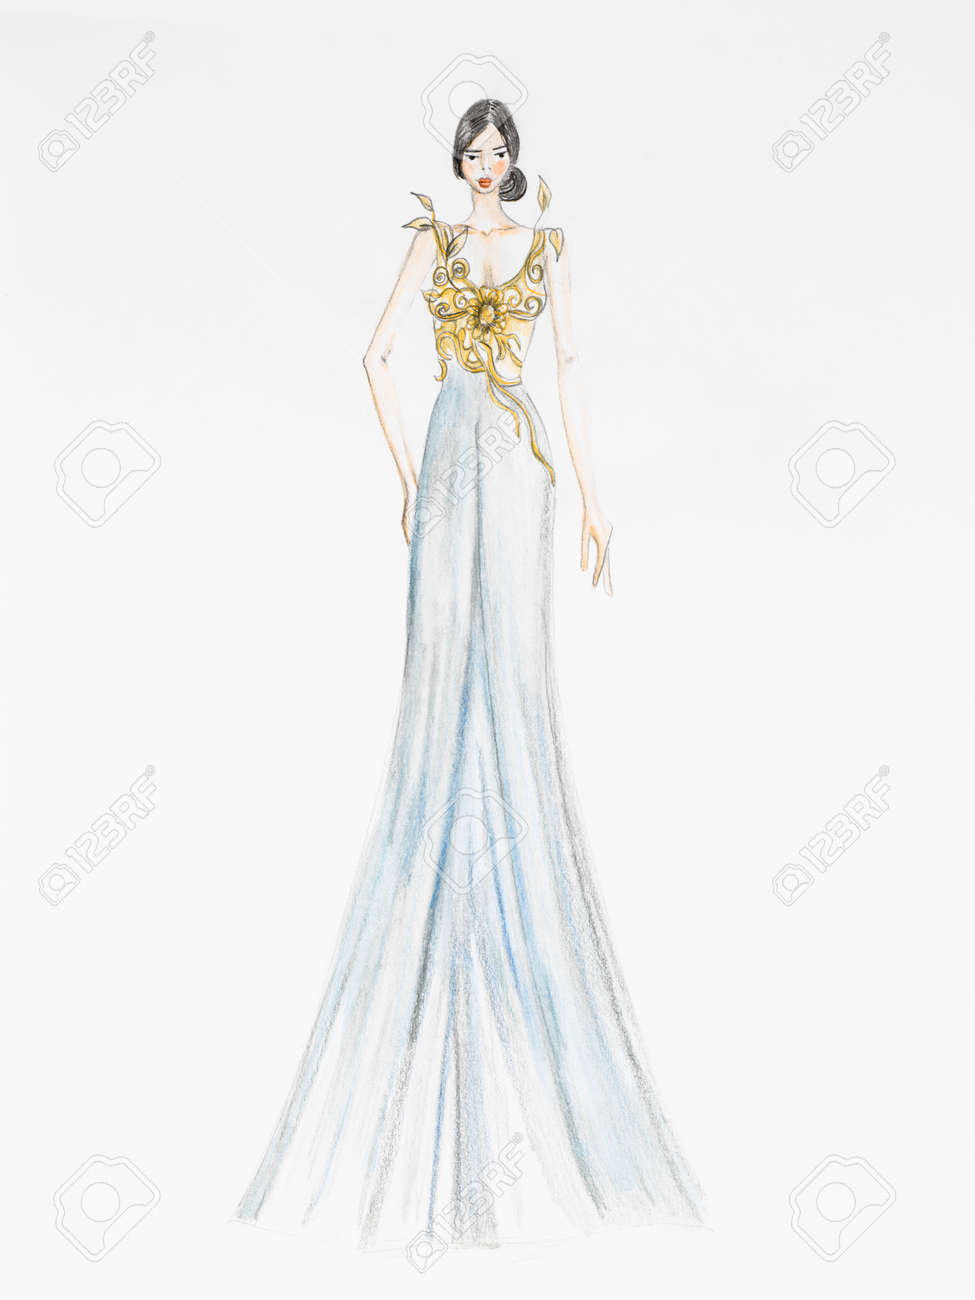 Diseños De Vestidos Elegantes Para Dibujar Decoración De Uñas